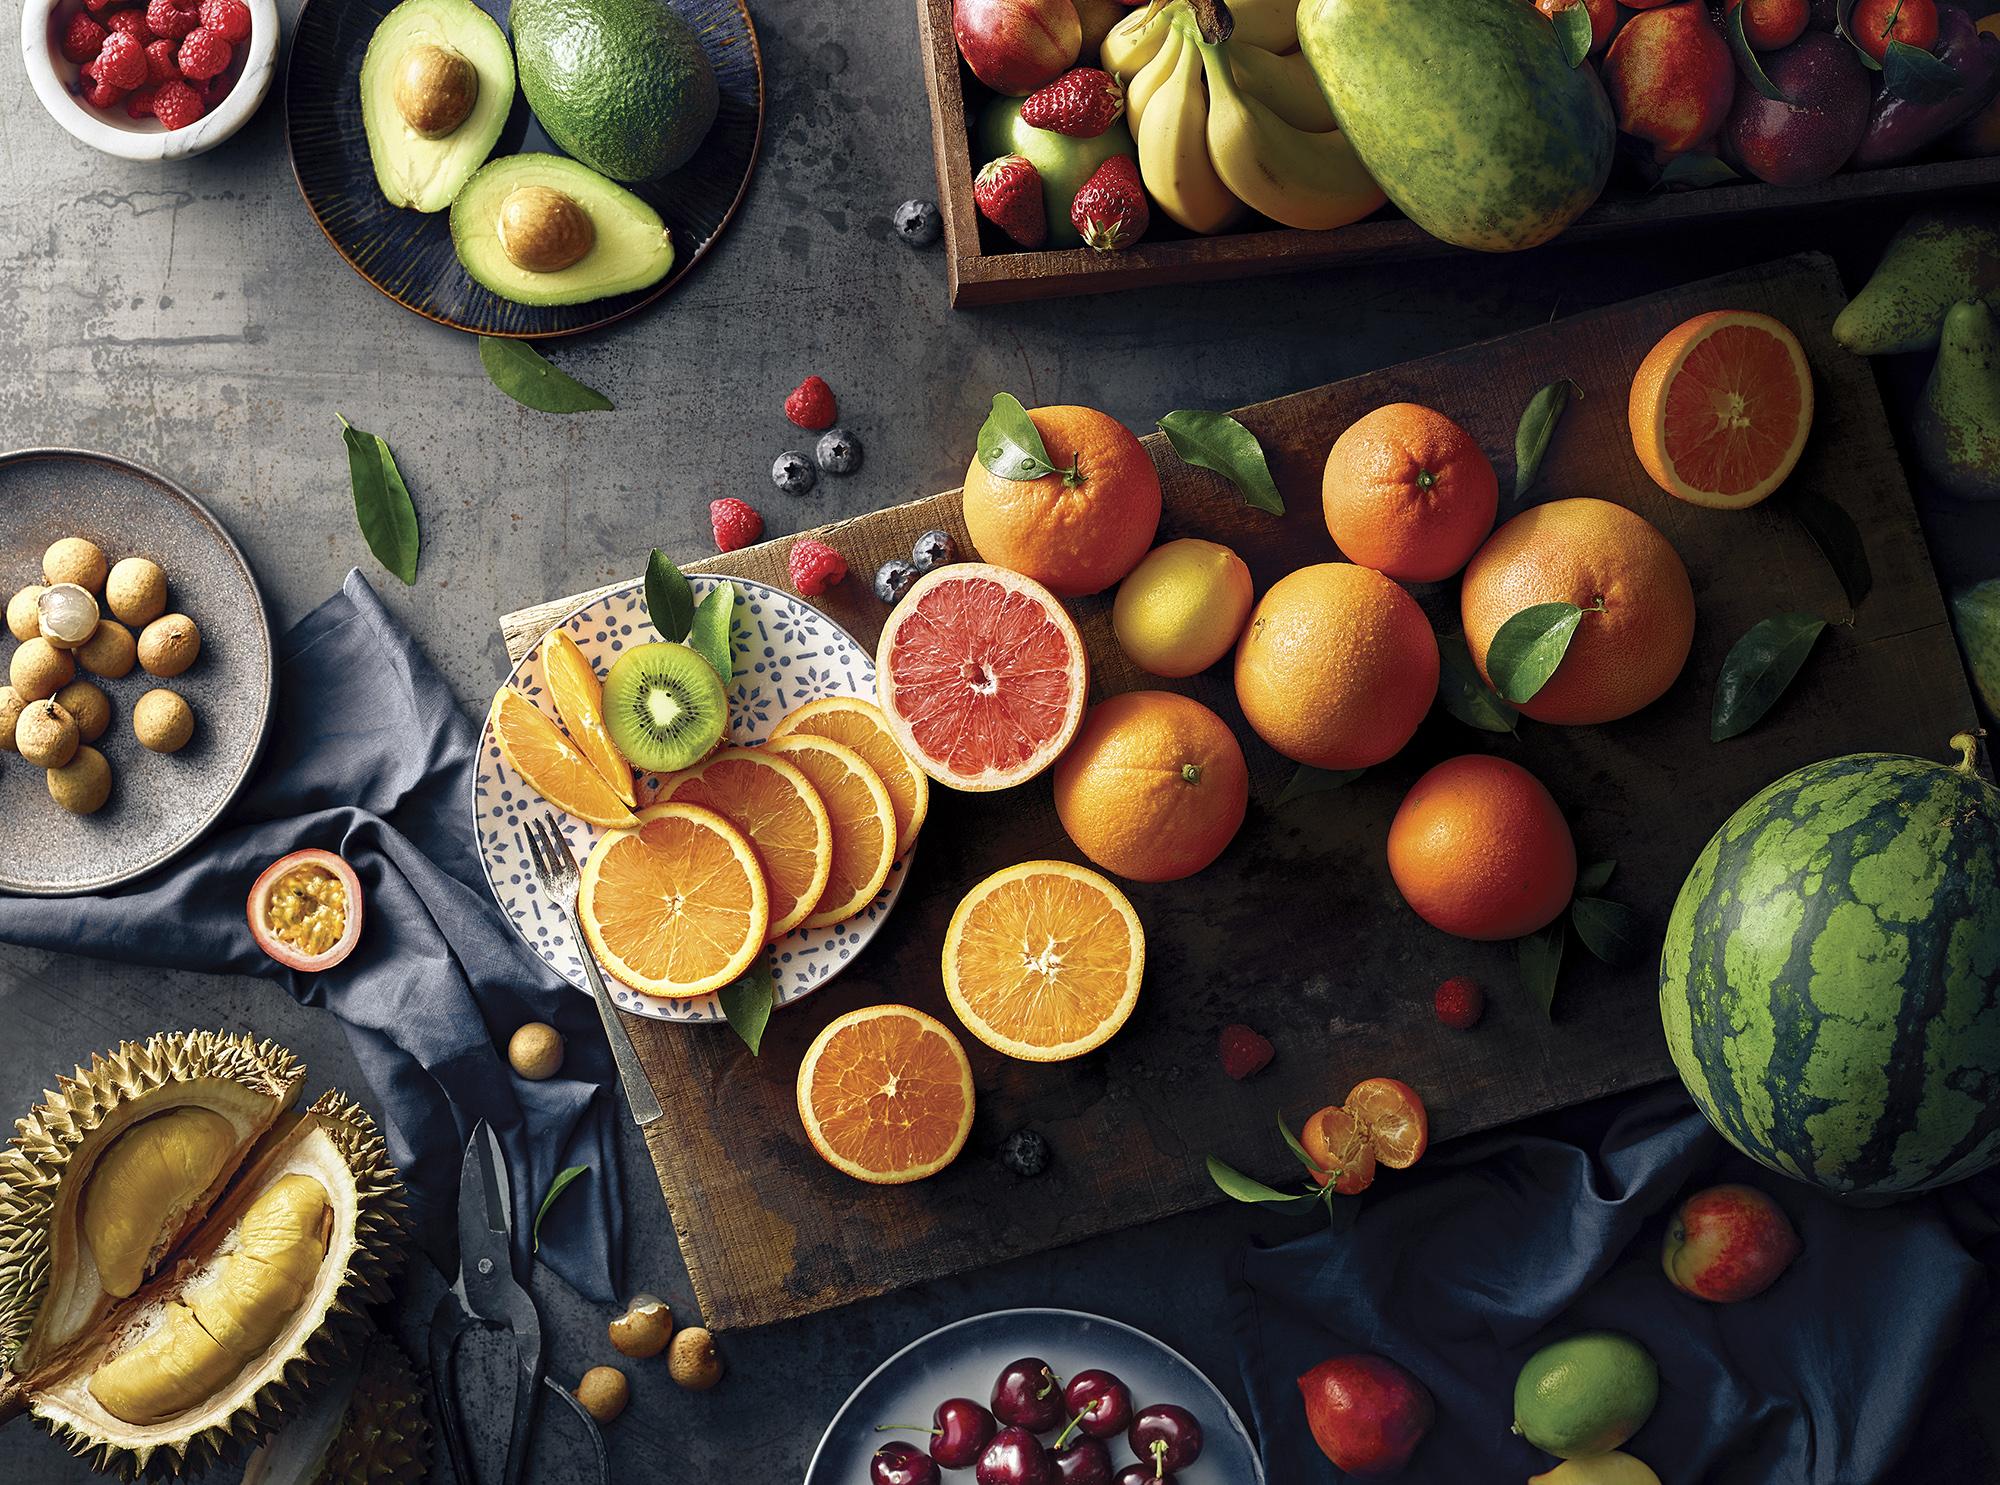 Hema_Fruit